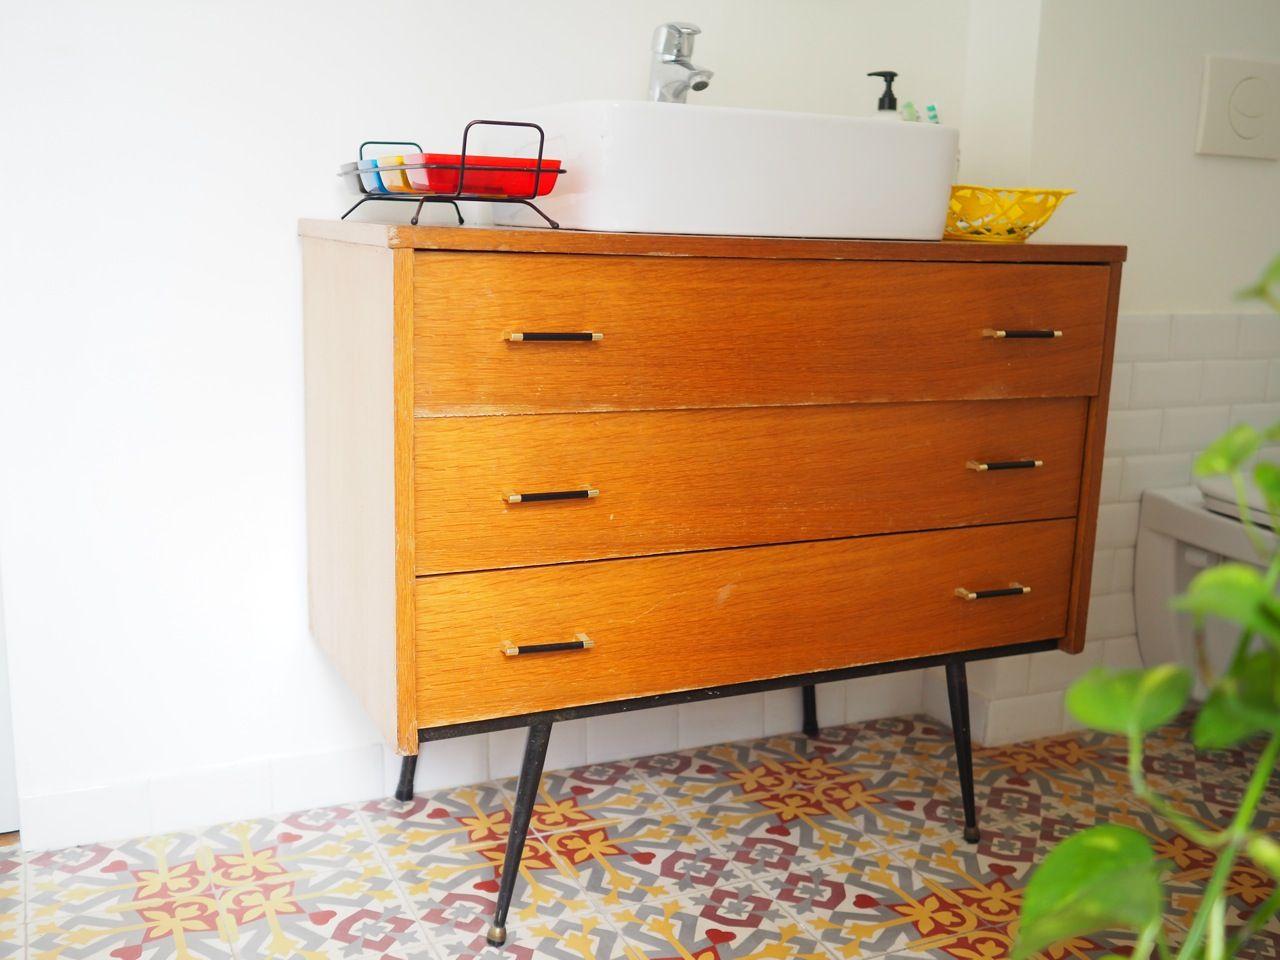 meuble vintage salle de bain | C\'est chouette | Pinterest | Bureau ...